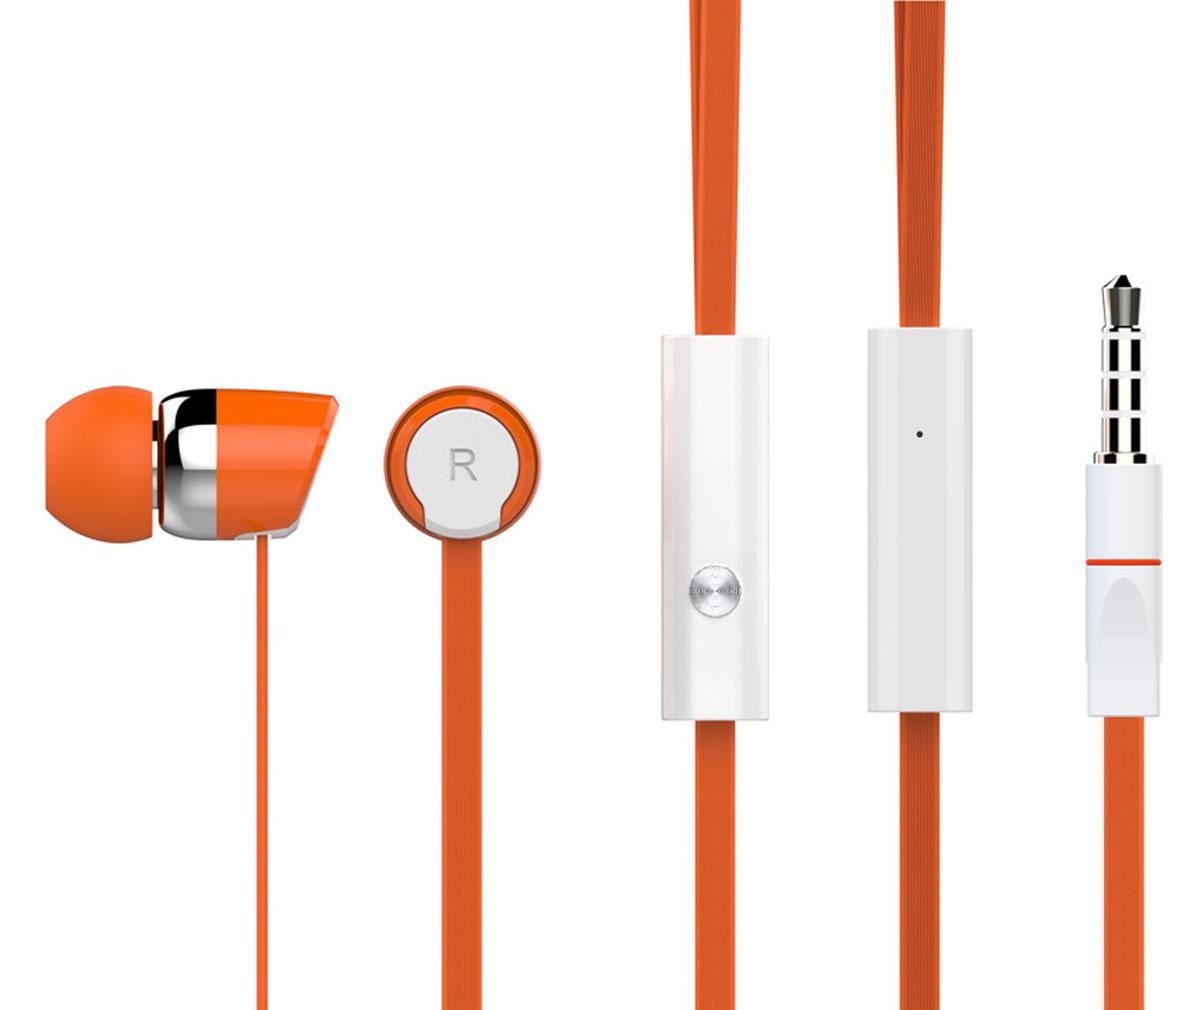 Harper Kids HV-104, Orange наушникиH00000768Яркие и стильные наушники Harper Kids HV-104 с люминесцентным покрытием (светятся в темноте). Гарнитура имеет встроенный пульт и микрофон для быстрого переключения между музыкой и вызовами. Подключив её к своему смартфону или планшету вы сможете не только наслаждаться любимой музыкой, но и с легкостью ответить на звонок, не доставая гаджет. Гарнитура имеет плоский, эластичный и устойчивый к запутыванию кабель длиной 1,2 метра. В комплекте с наушниками идут мягкие силиконовые накладки 3-х размеров для максимального комфорта.